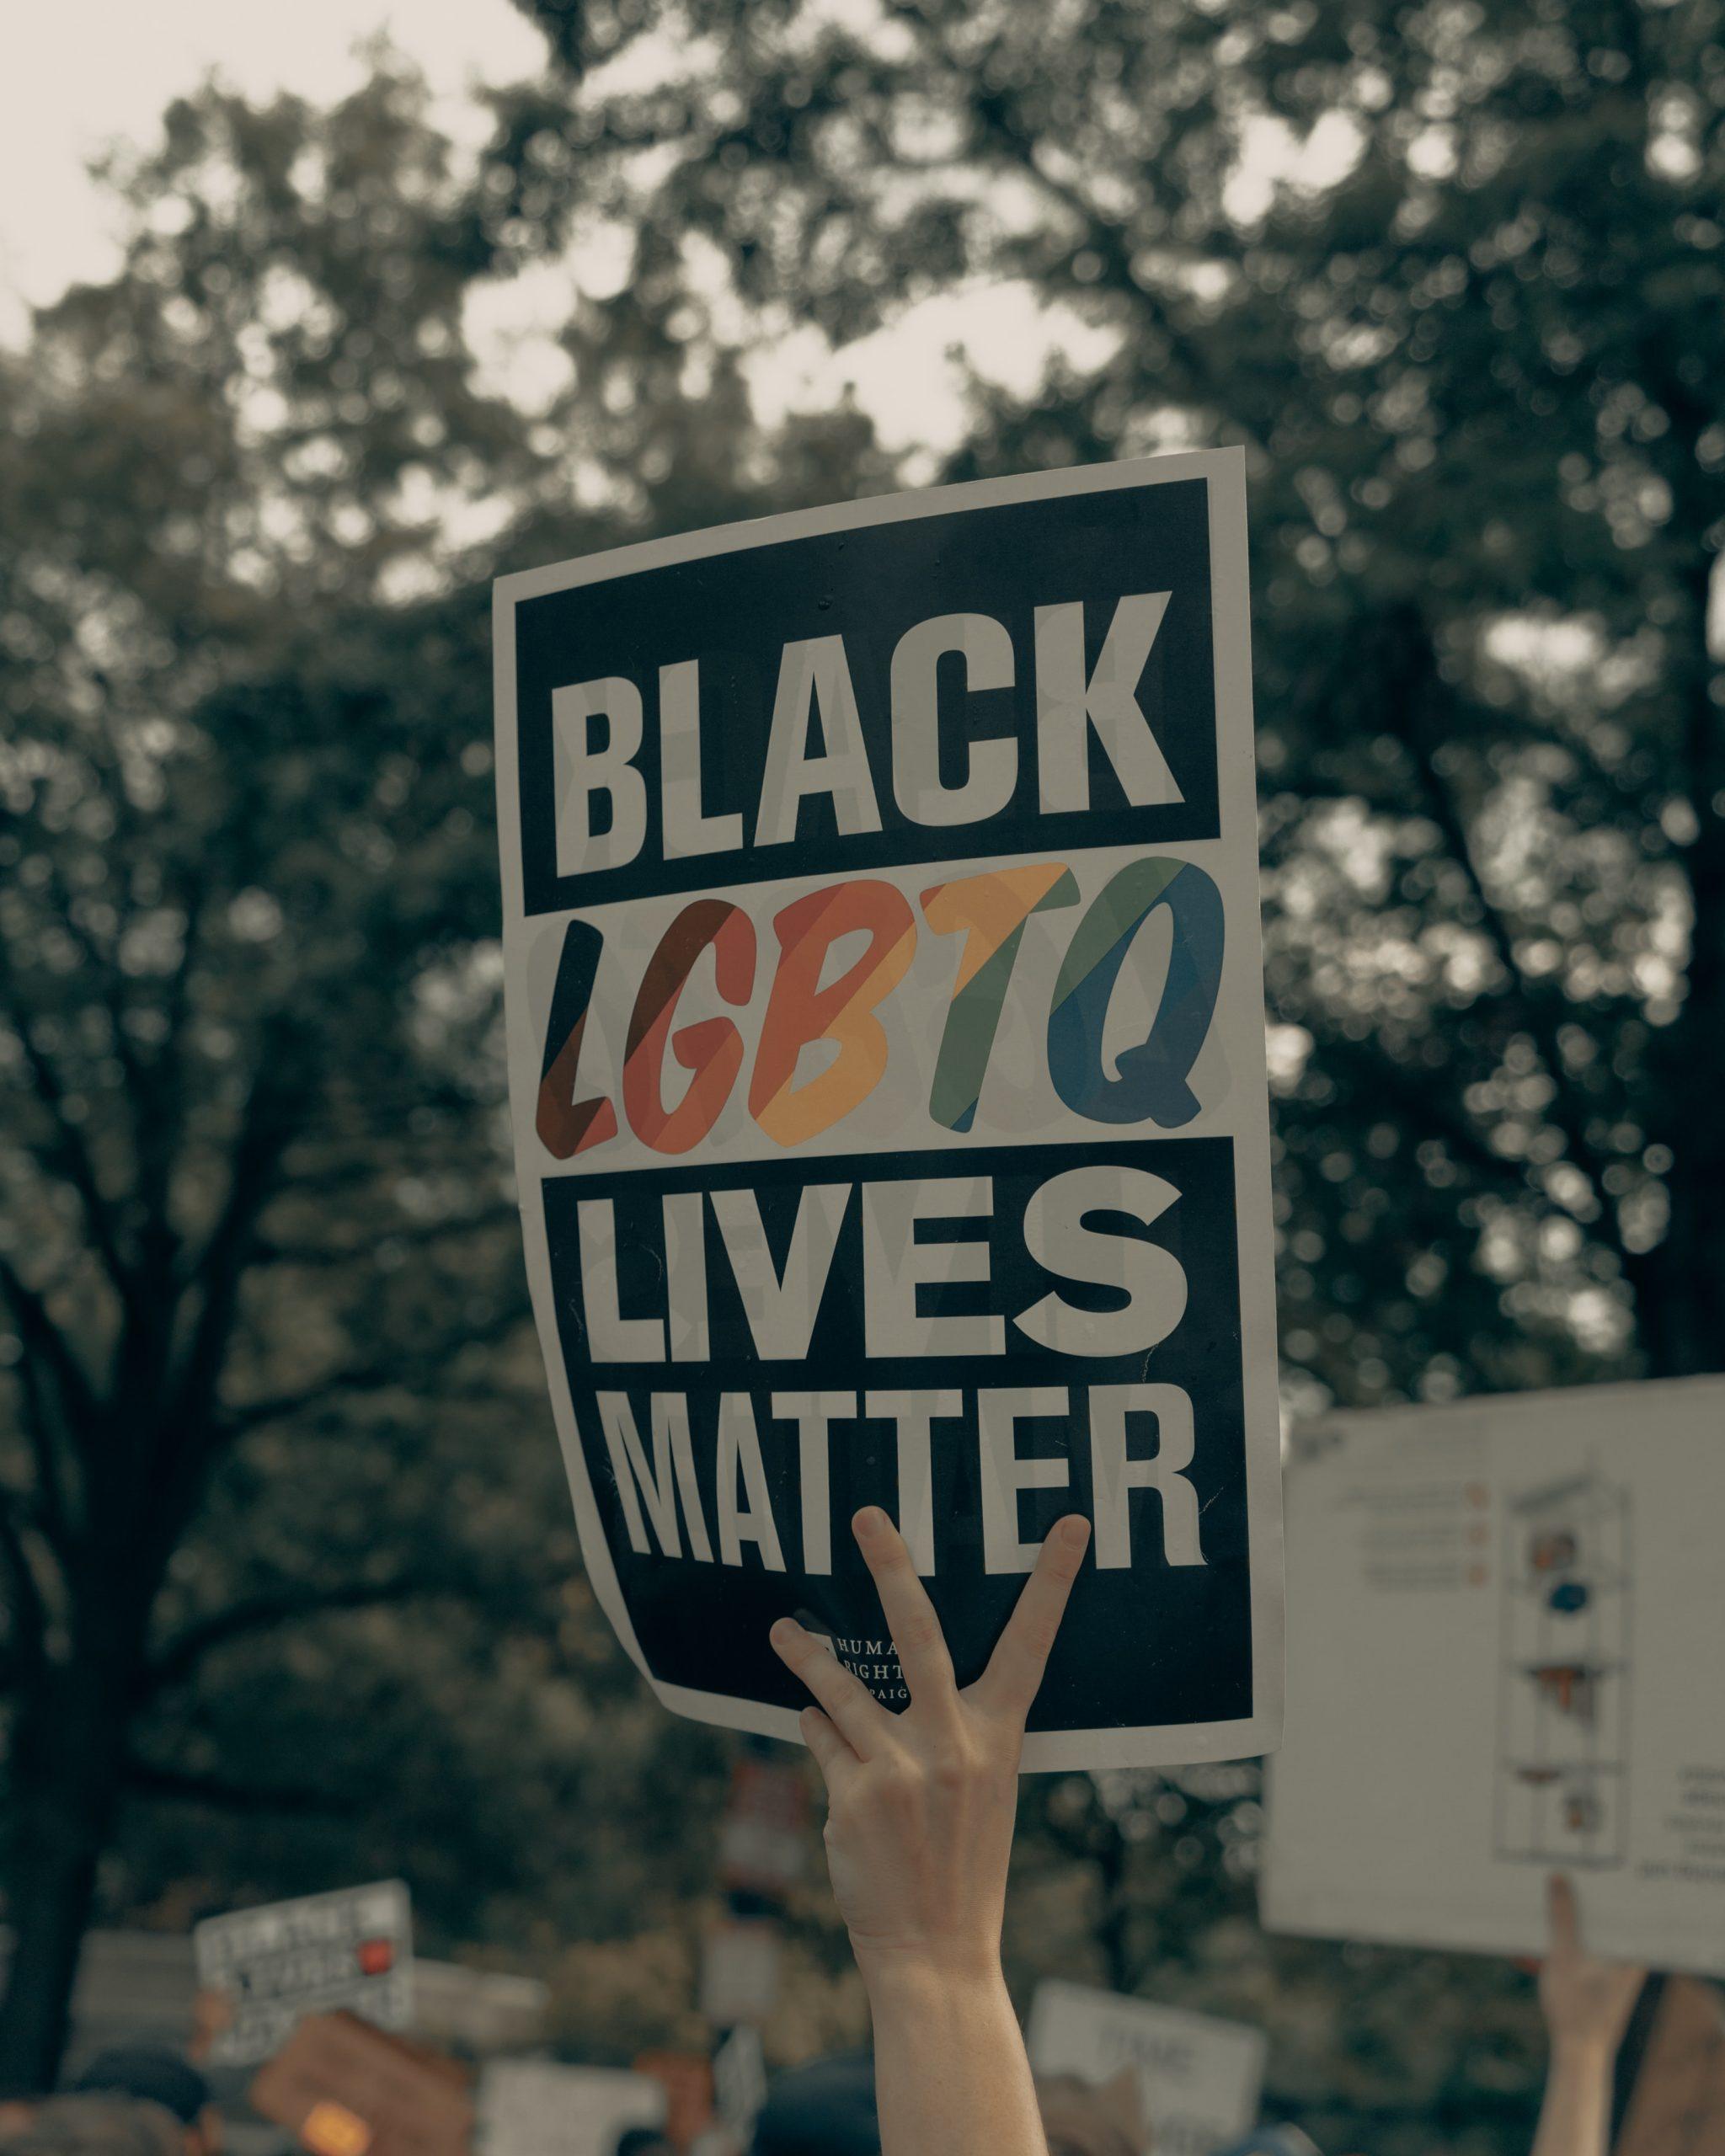 Black LGBTQ